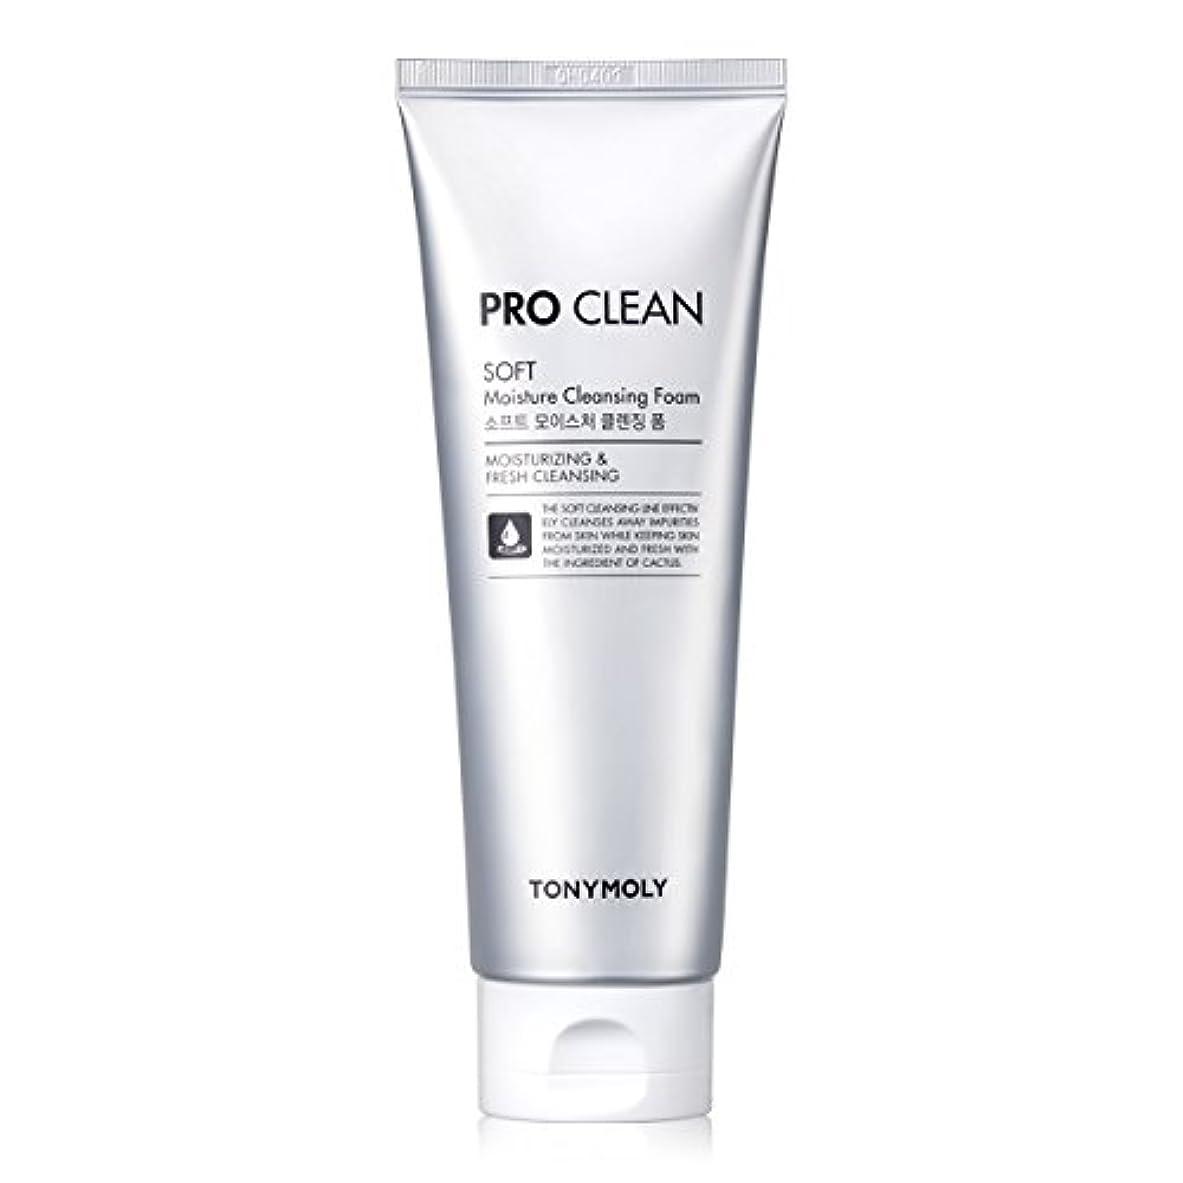 またはペンメディア[New] TONYMOLY Pro Clean Soft Moisture Cleansing Foam 150ml/トニーモリー プロ クリーン ソフト モイスチャー クレンジングフォーム 150ml [並行輸入品]